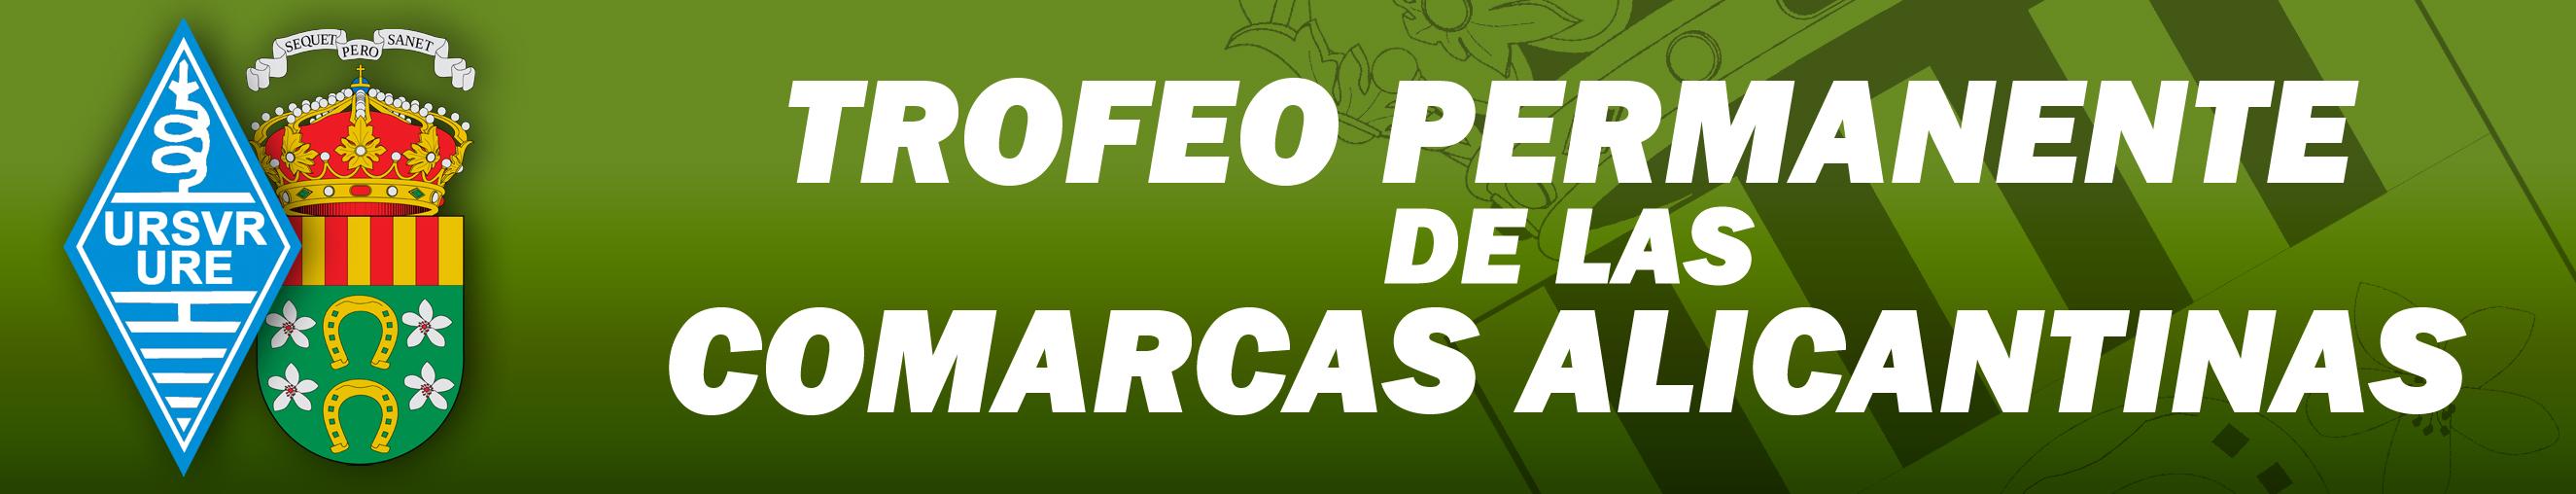 TROFEO PERMANENTE DE LAS COMARCAS ALICANTINAS